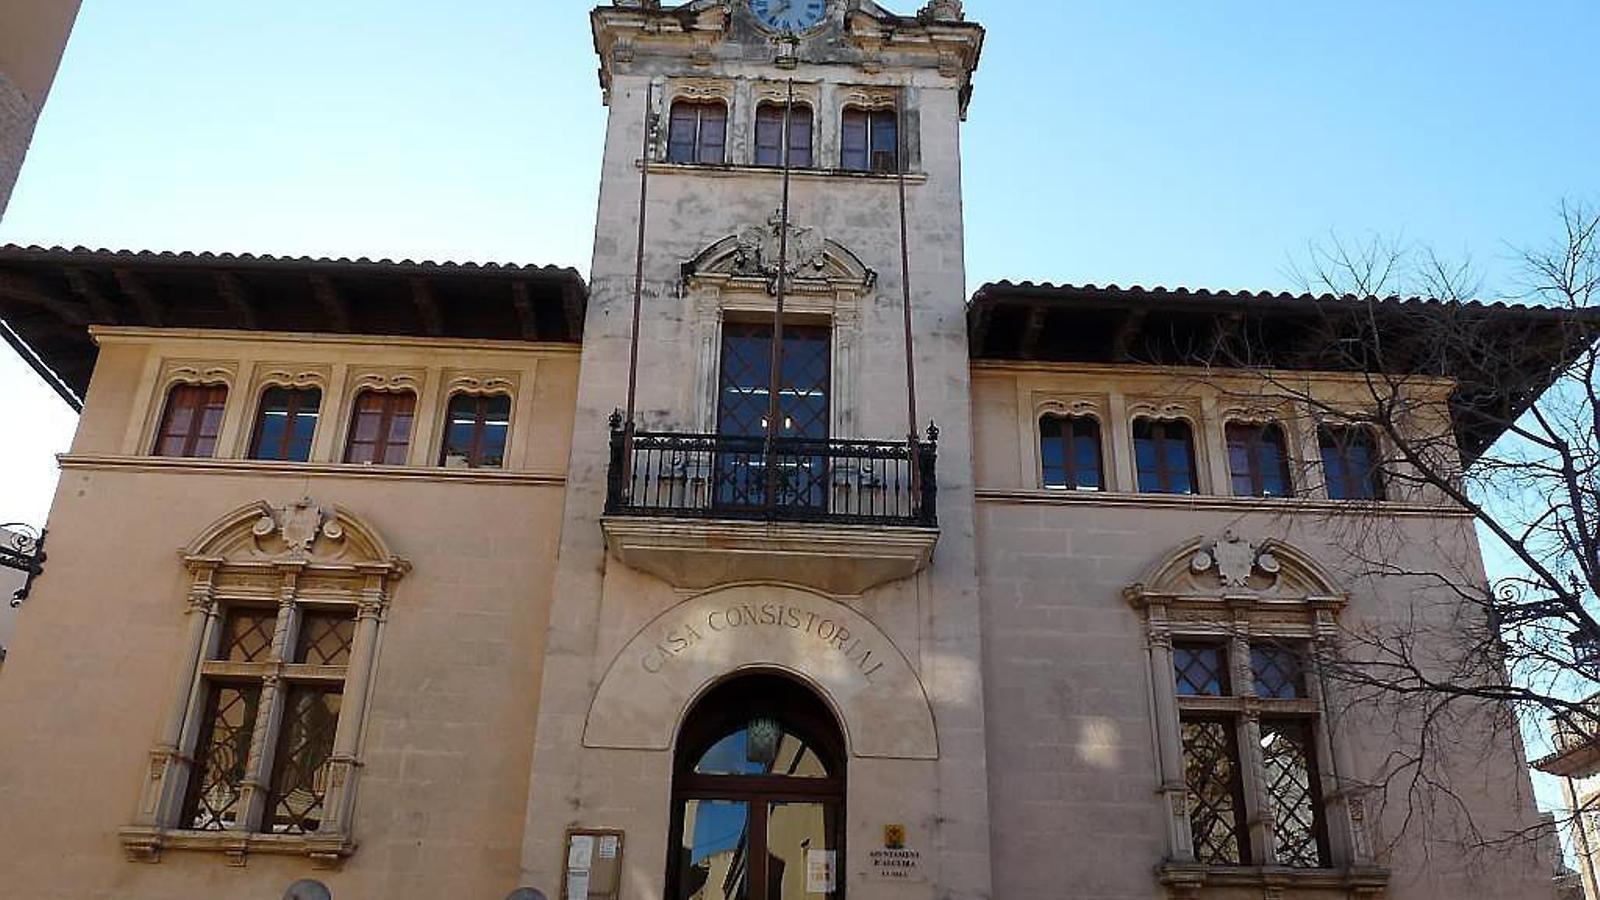 UN AJUNTAMENT RIC Alcúdia només podrà gastar uns 800.000 euros dels 40 milons que té al banc.